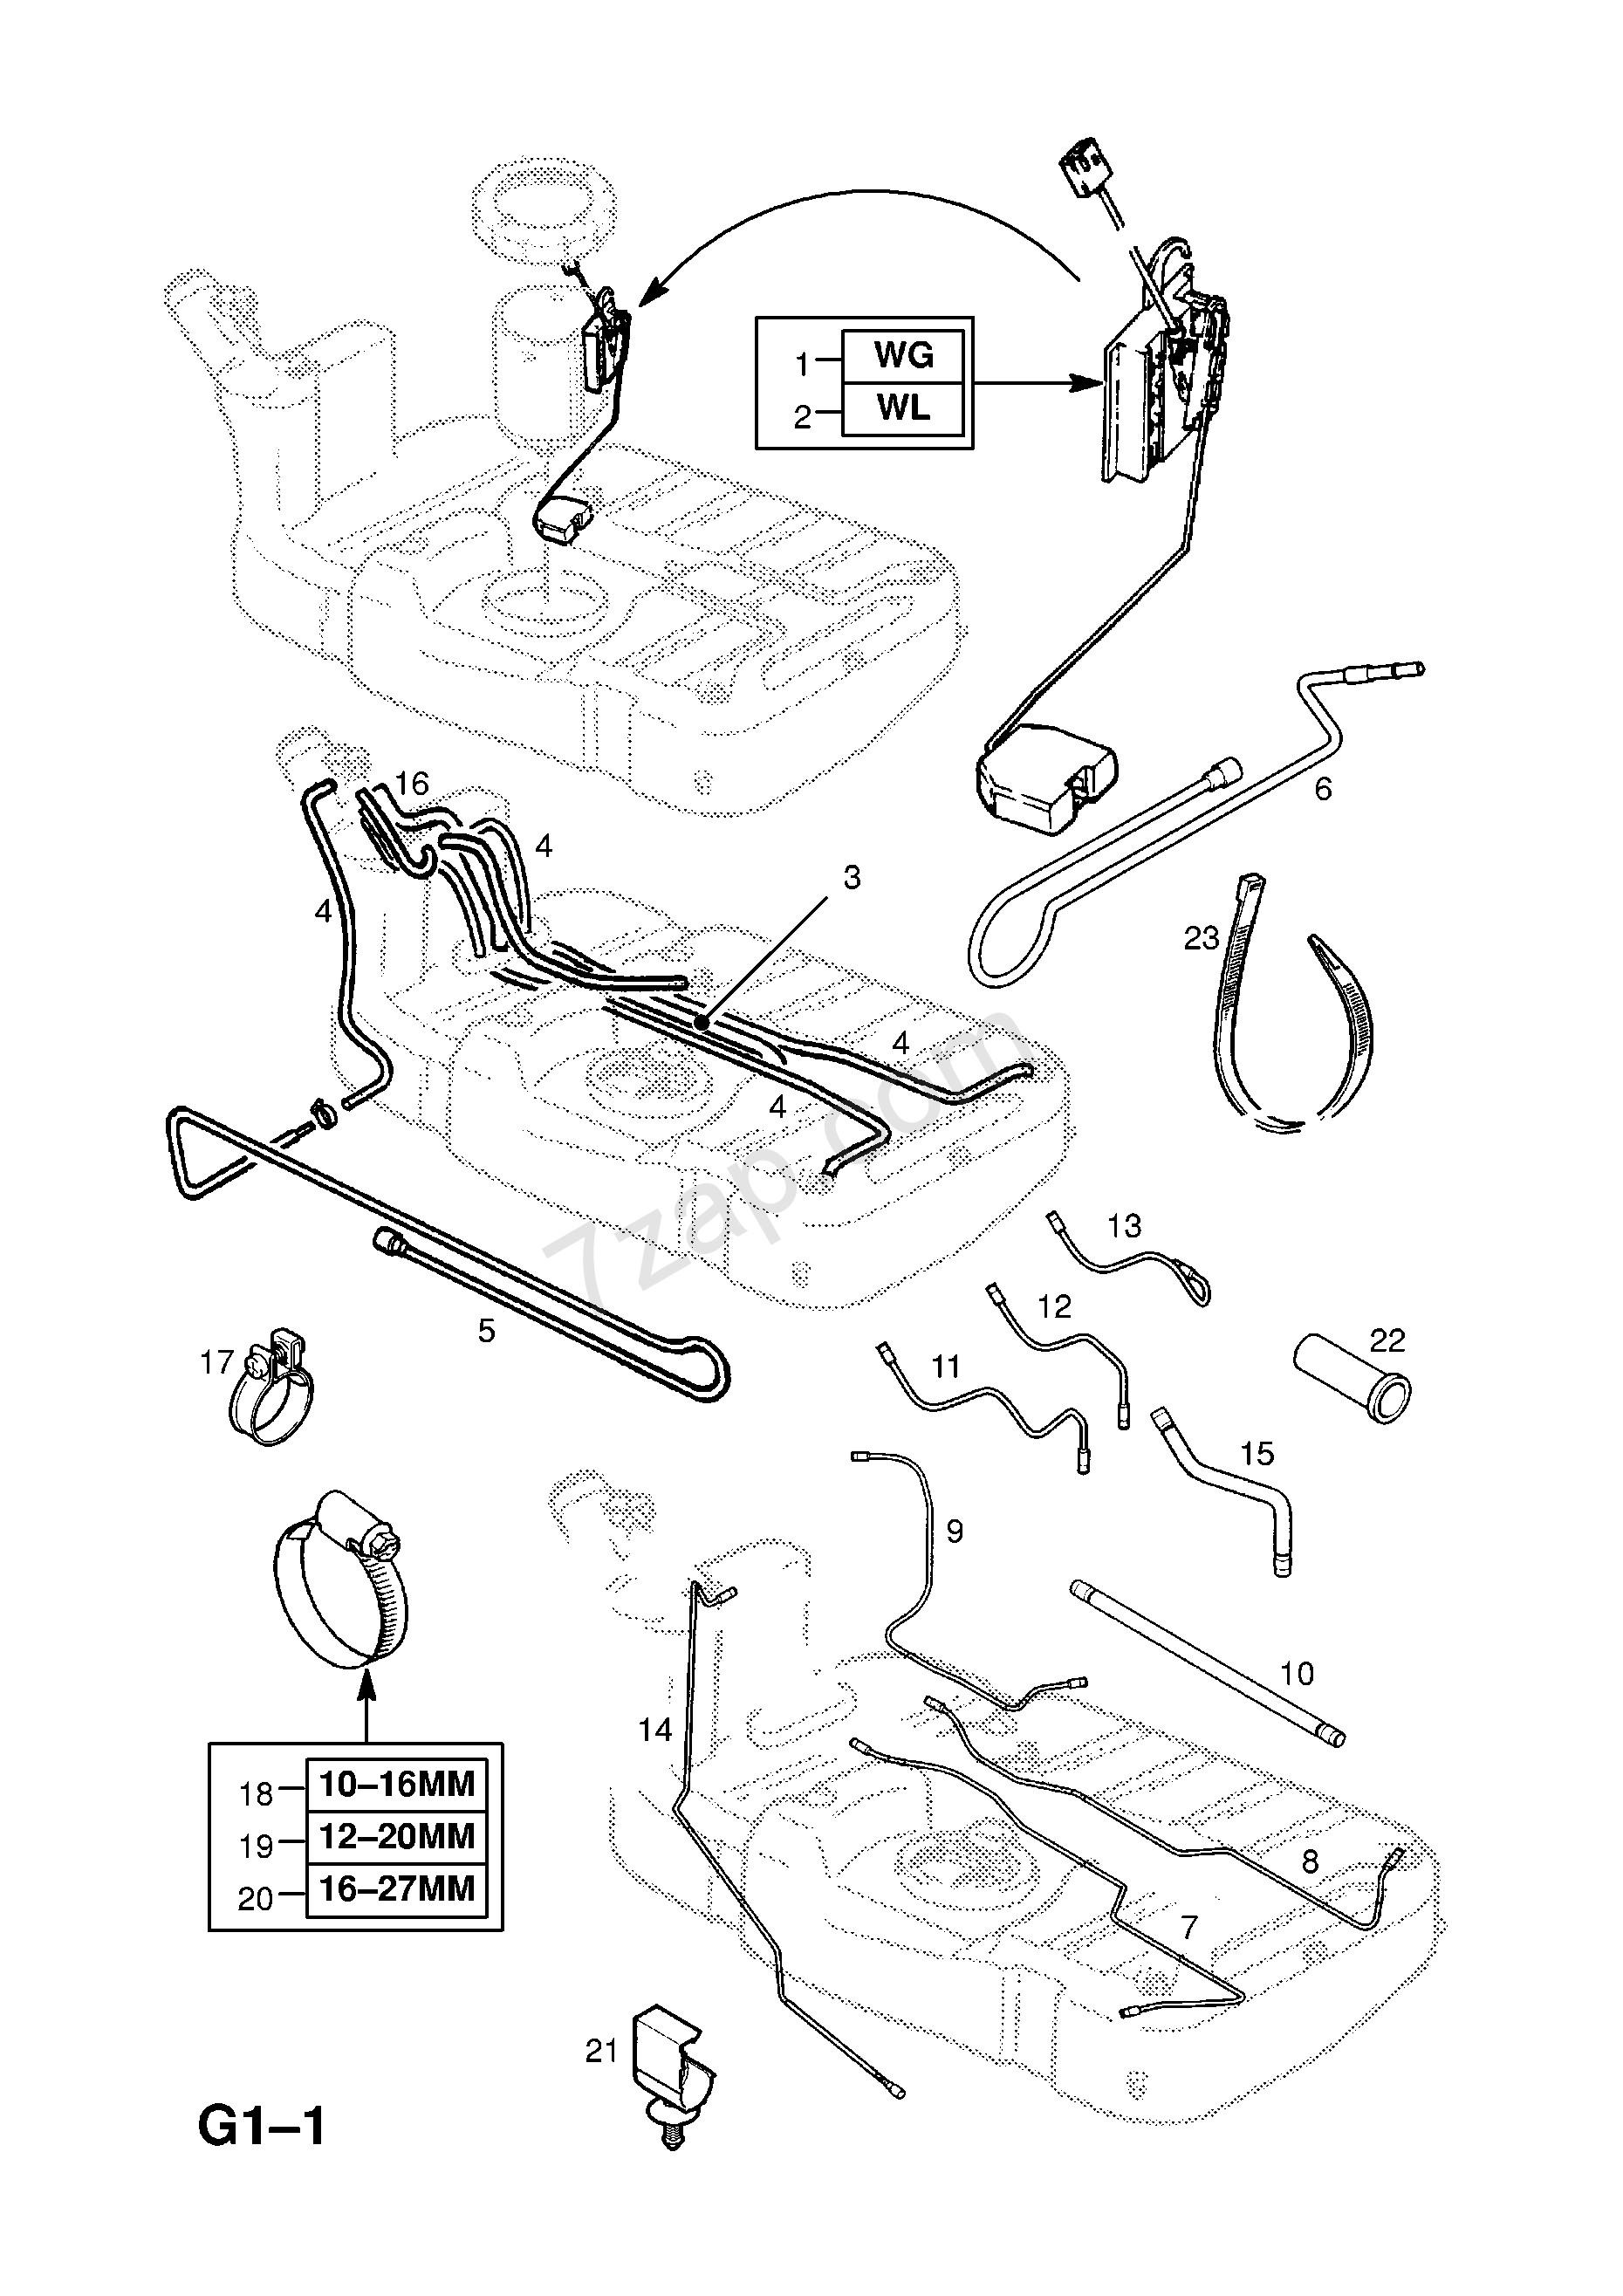 Car Fuel Tank Diagram